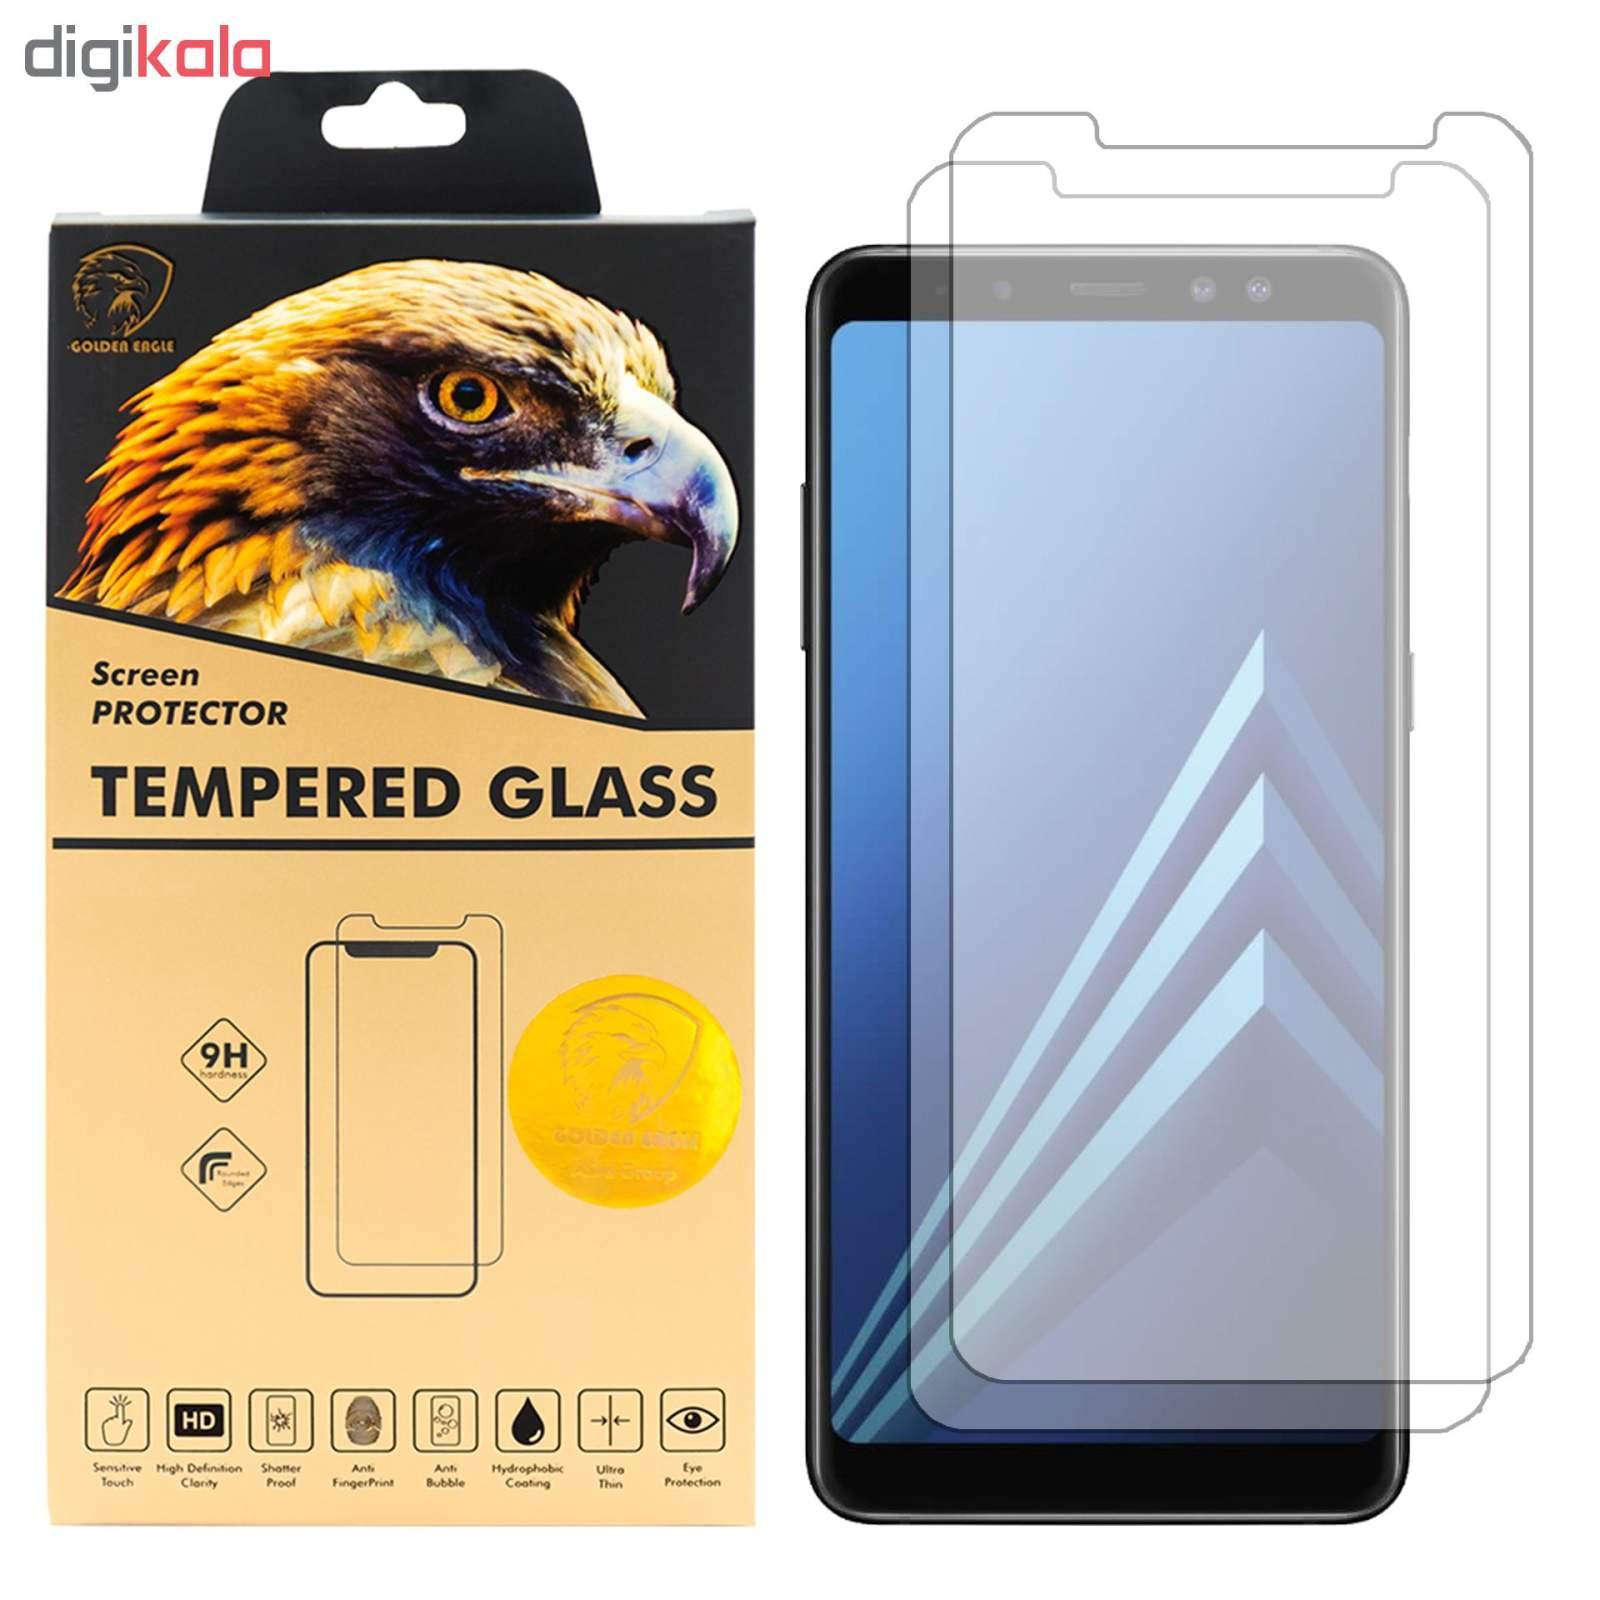 محافظ صفحه نمایش گلدن ایگل مدل GLC-X2 مناسب برای گوشی موبایل سامسونگ Galaxy A8 PLUS 2018 بسته دو عددی main 1 1